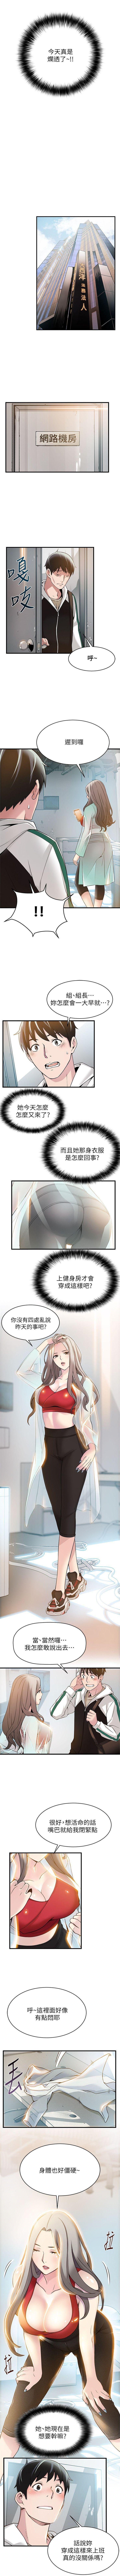 弱点 1-64 中文翻译(更新中) 39